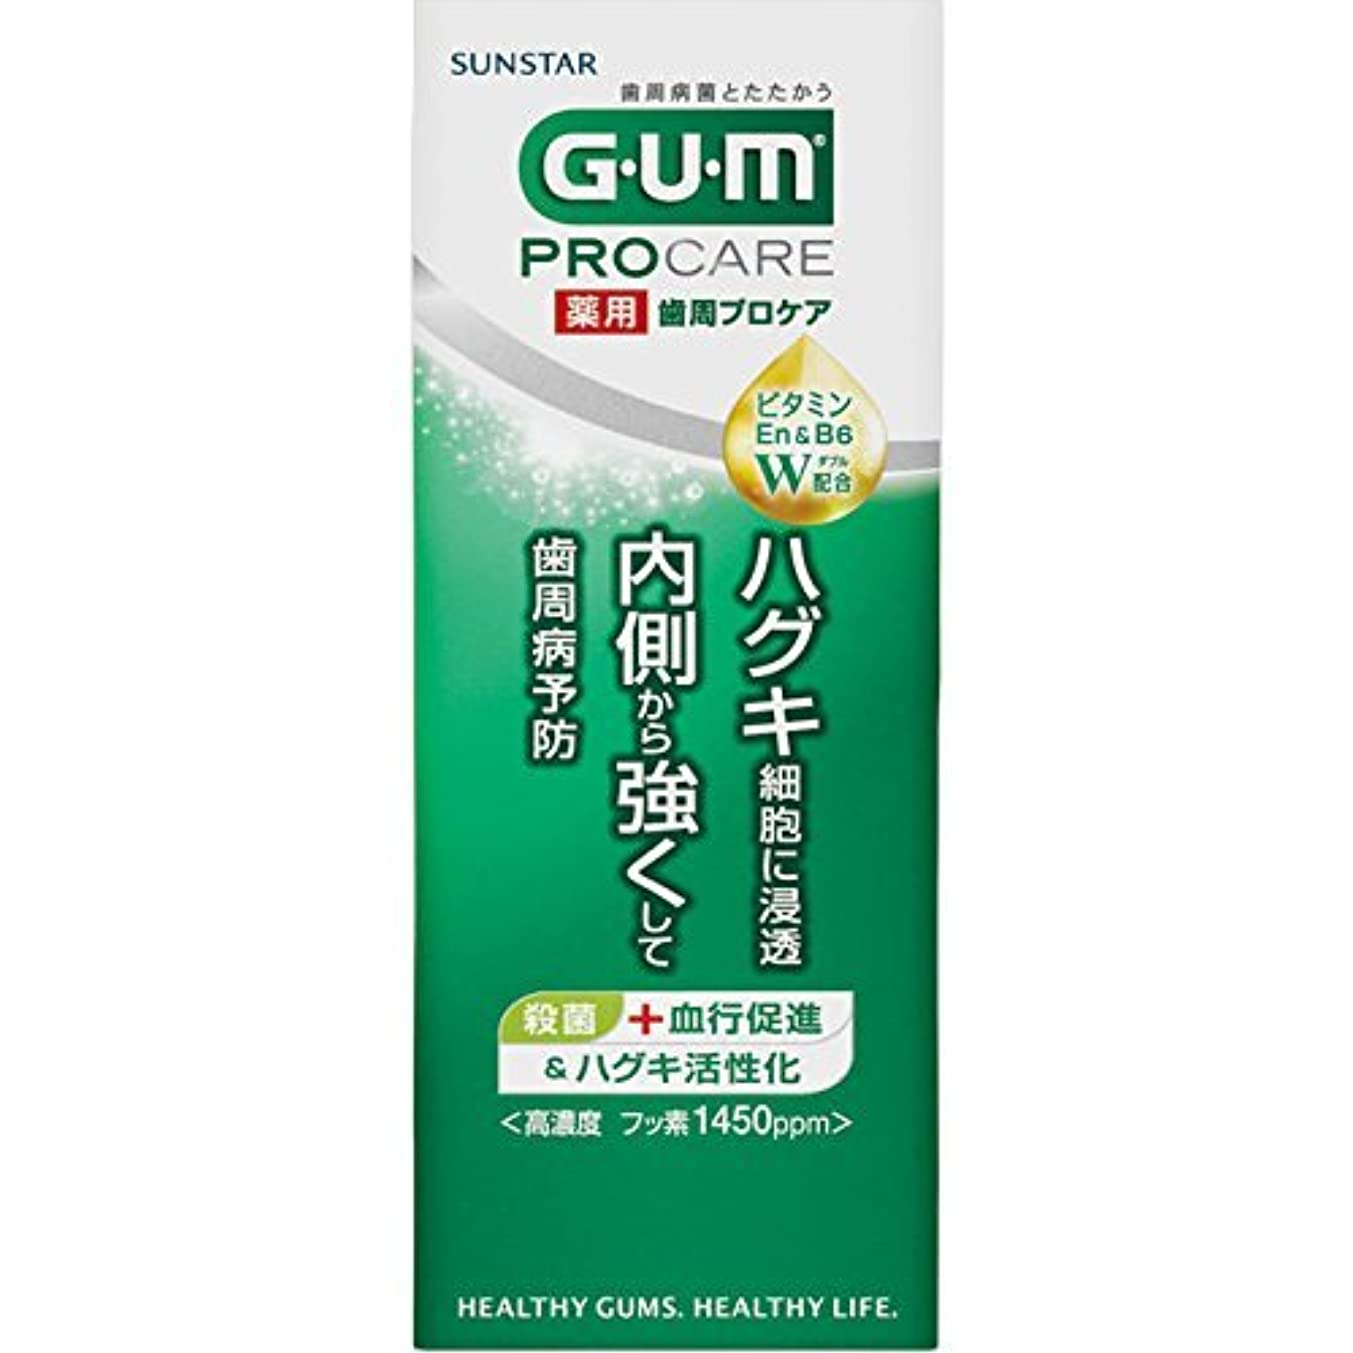 恐れる残り宿[医薬部外品] GUM(ガム) 歯周プロケア 歯みがき 50g <歯周病予防 ハグキケア 高濃度フッ素配合1,450ppm>